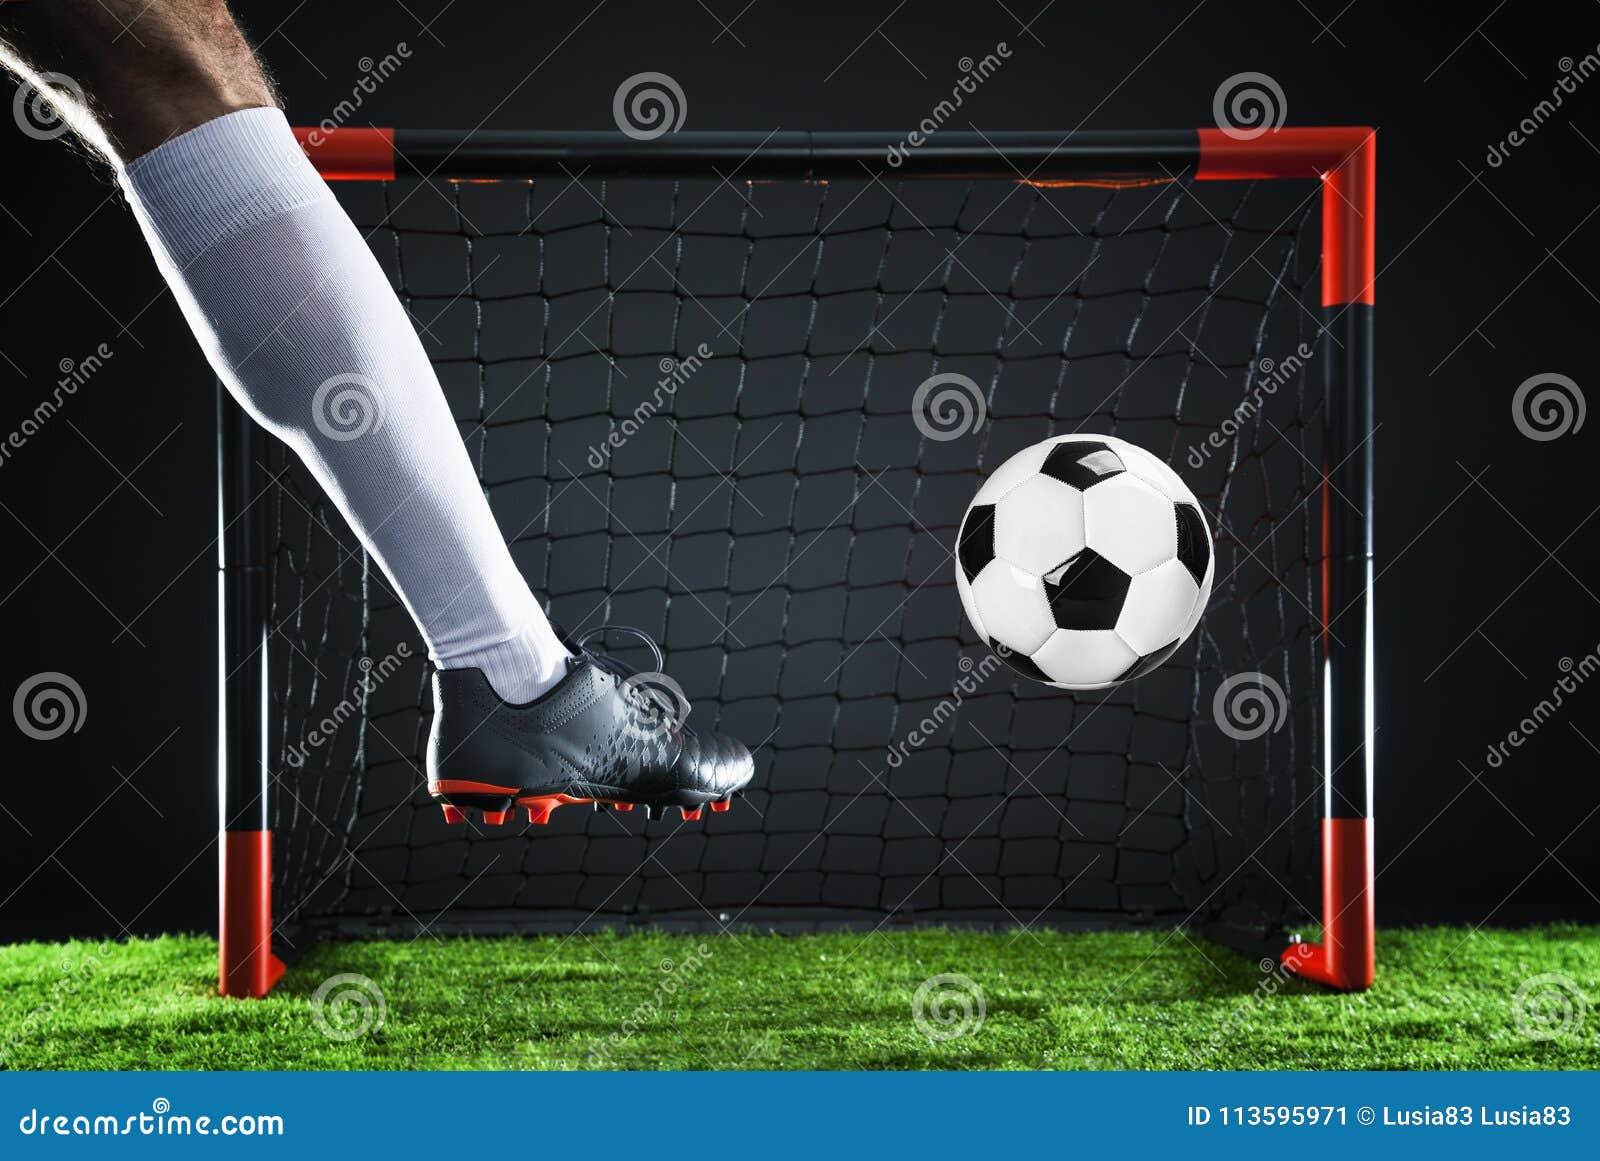 ποδόσφαιρο Έννοια πρωταθλήματος με τον ποδοσφαιριστή Πυροβολισμός απεργών στο στόχο